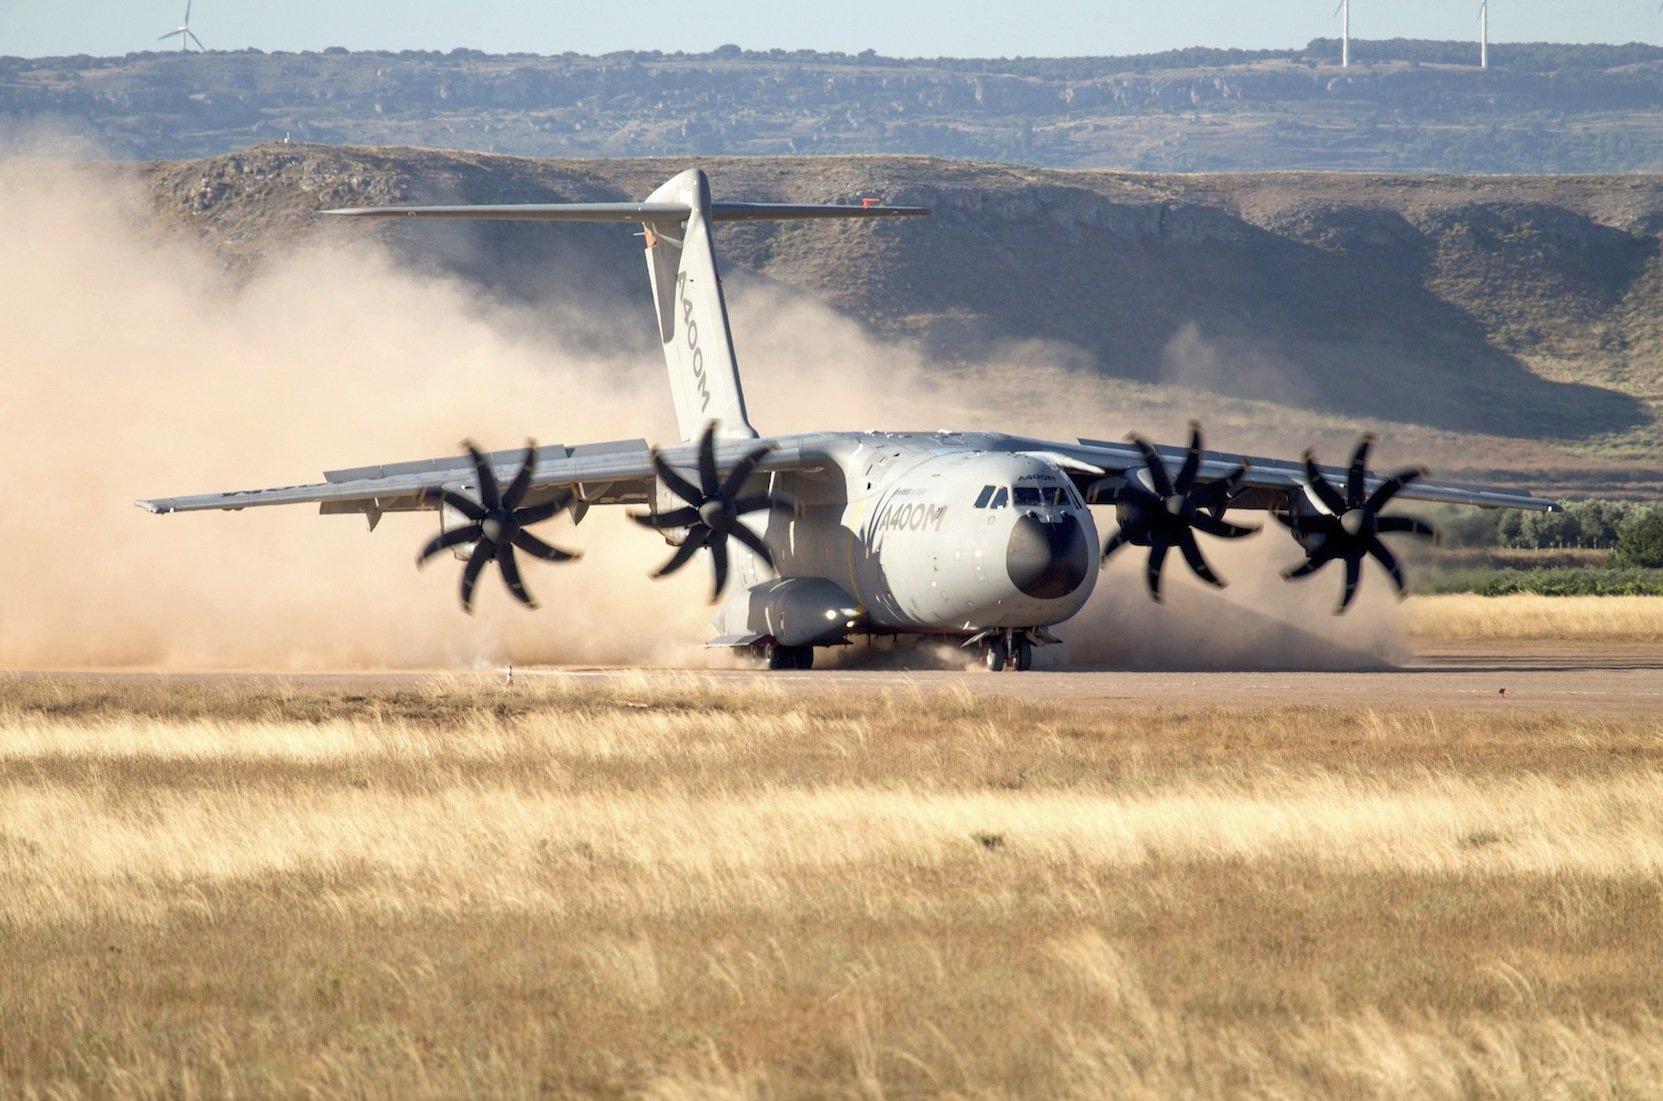 Test des Militärtransporters A400M von Airbus in Spanien:Auch die Triebwerke beim A400M machen dem Verteidigungsministerium Sorgen. Auch dort halten einzelne Teile den extremen Belastungen im Betrieb nicht stand. In einem Triebwerk hatten sich Späne aus Zahnrädern gelöst.